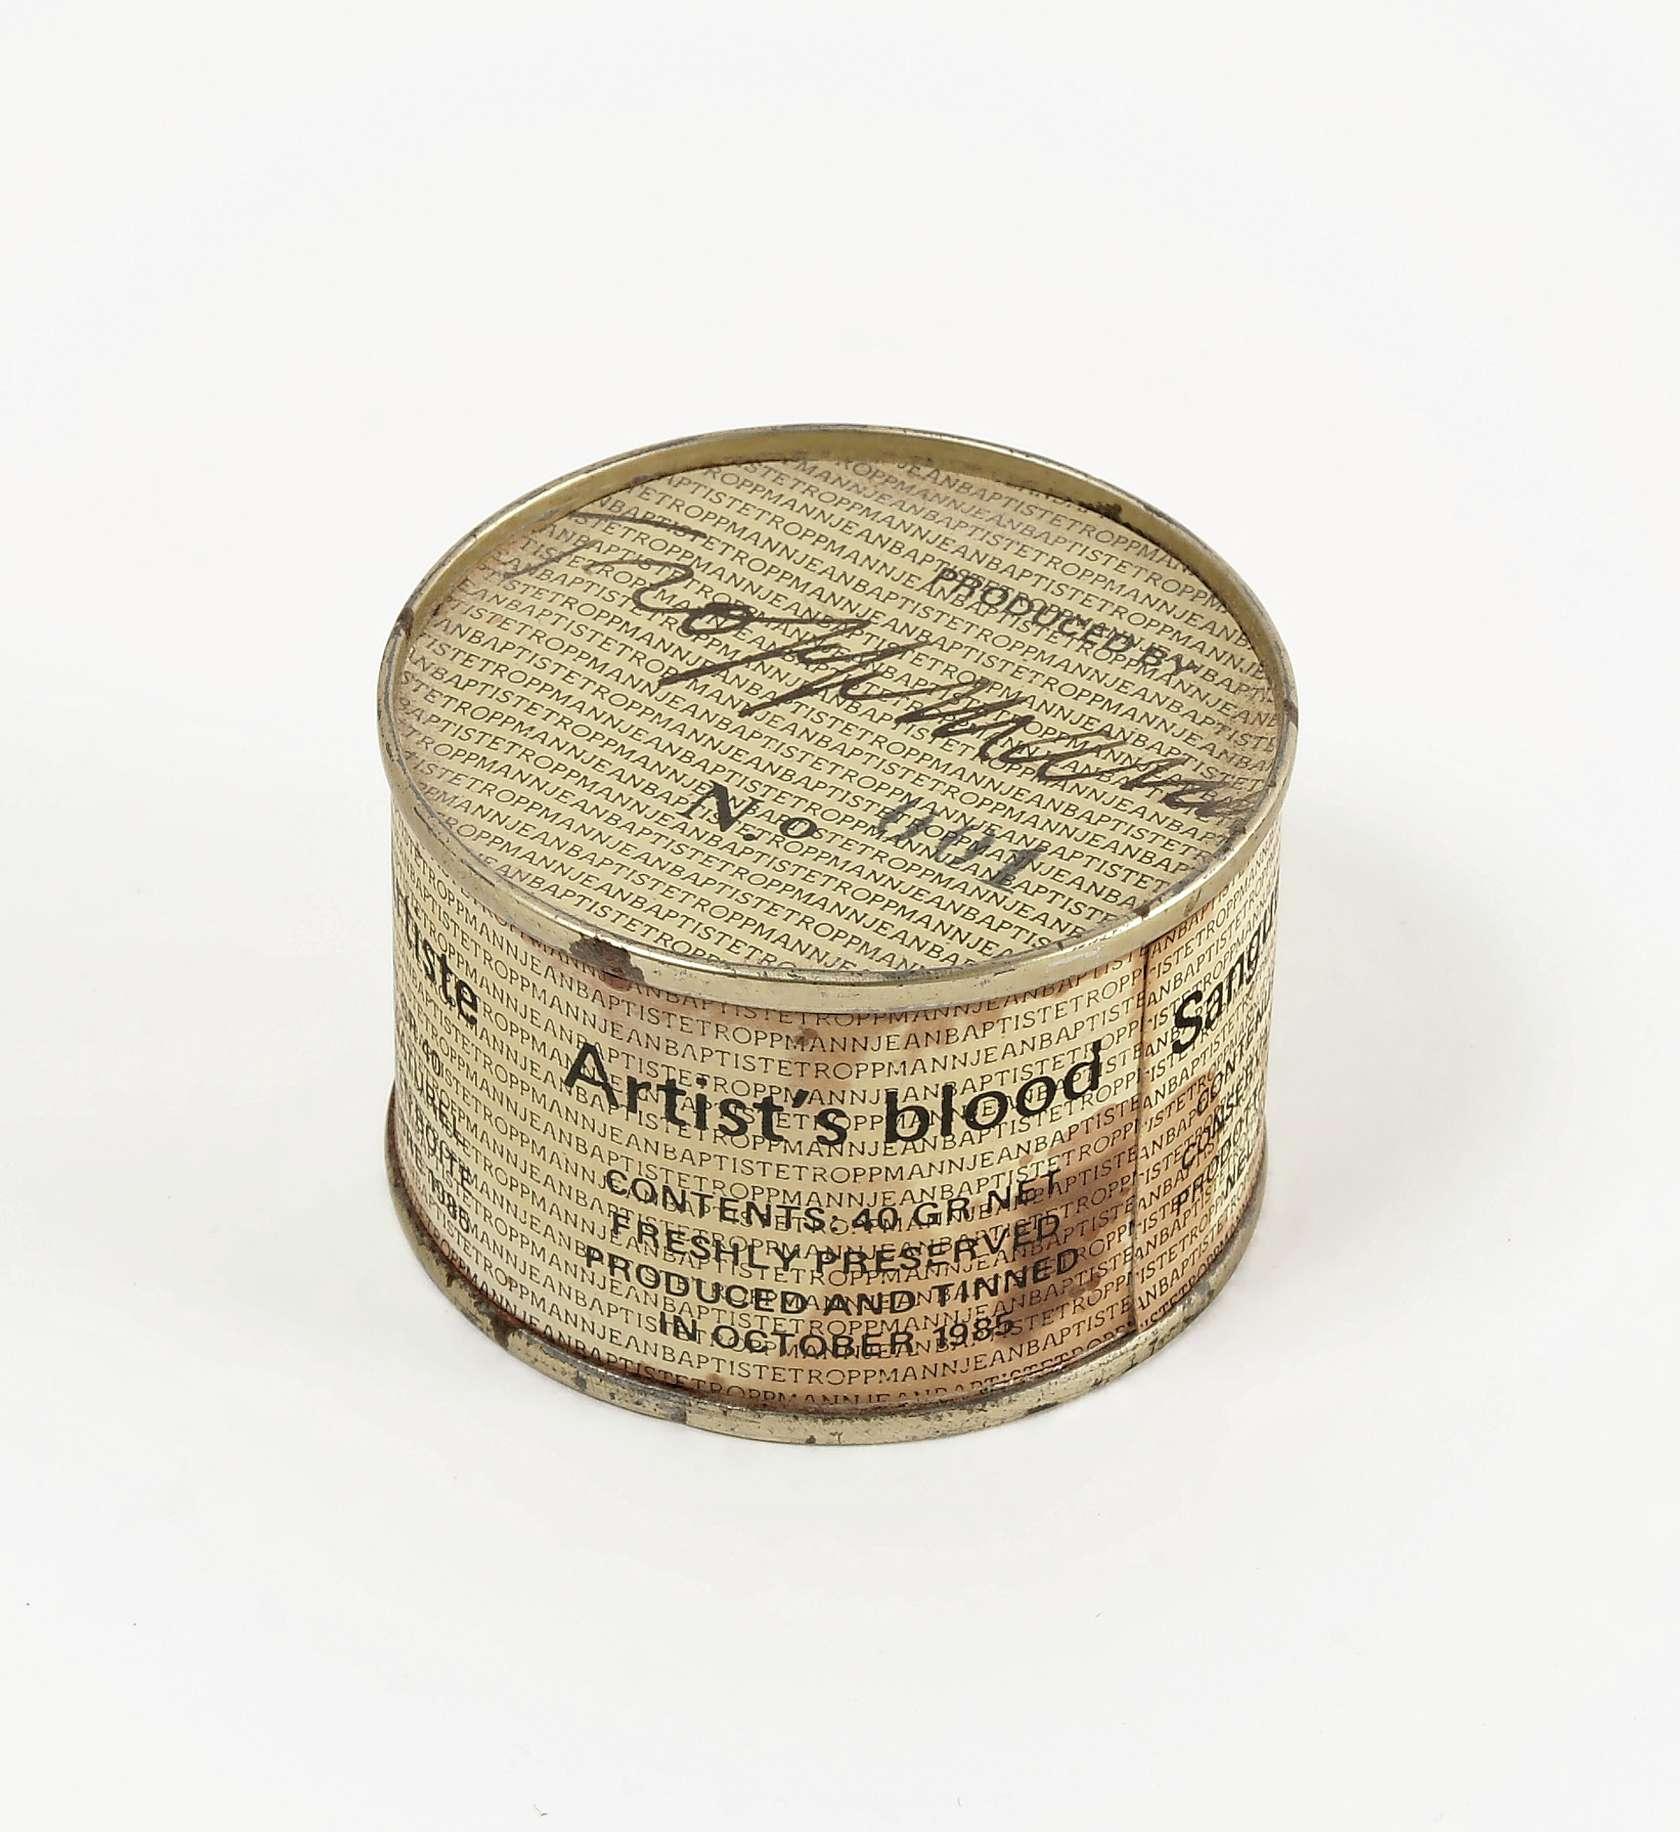 Ernest T., Sang d'artiste, 1985 Boîte de conserve et impression sur papier3.7 x 5.6 cm / 1 1/2 x 2 2/8 inches